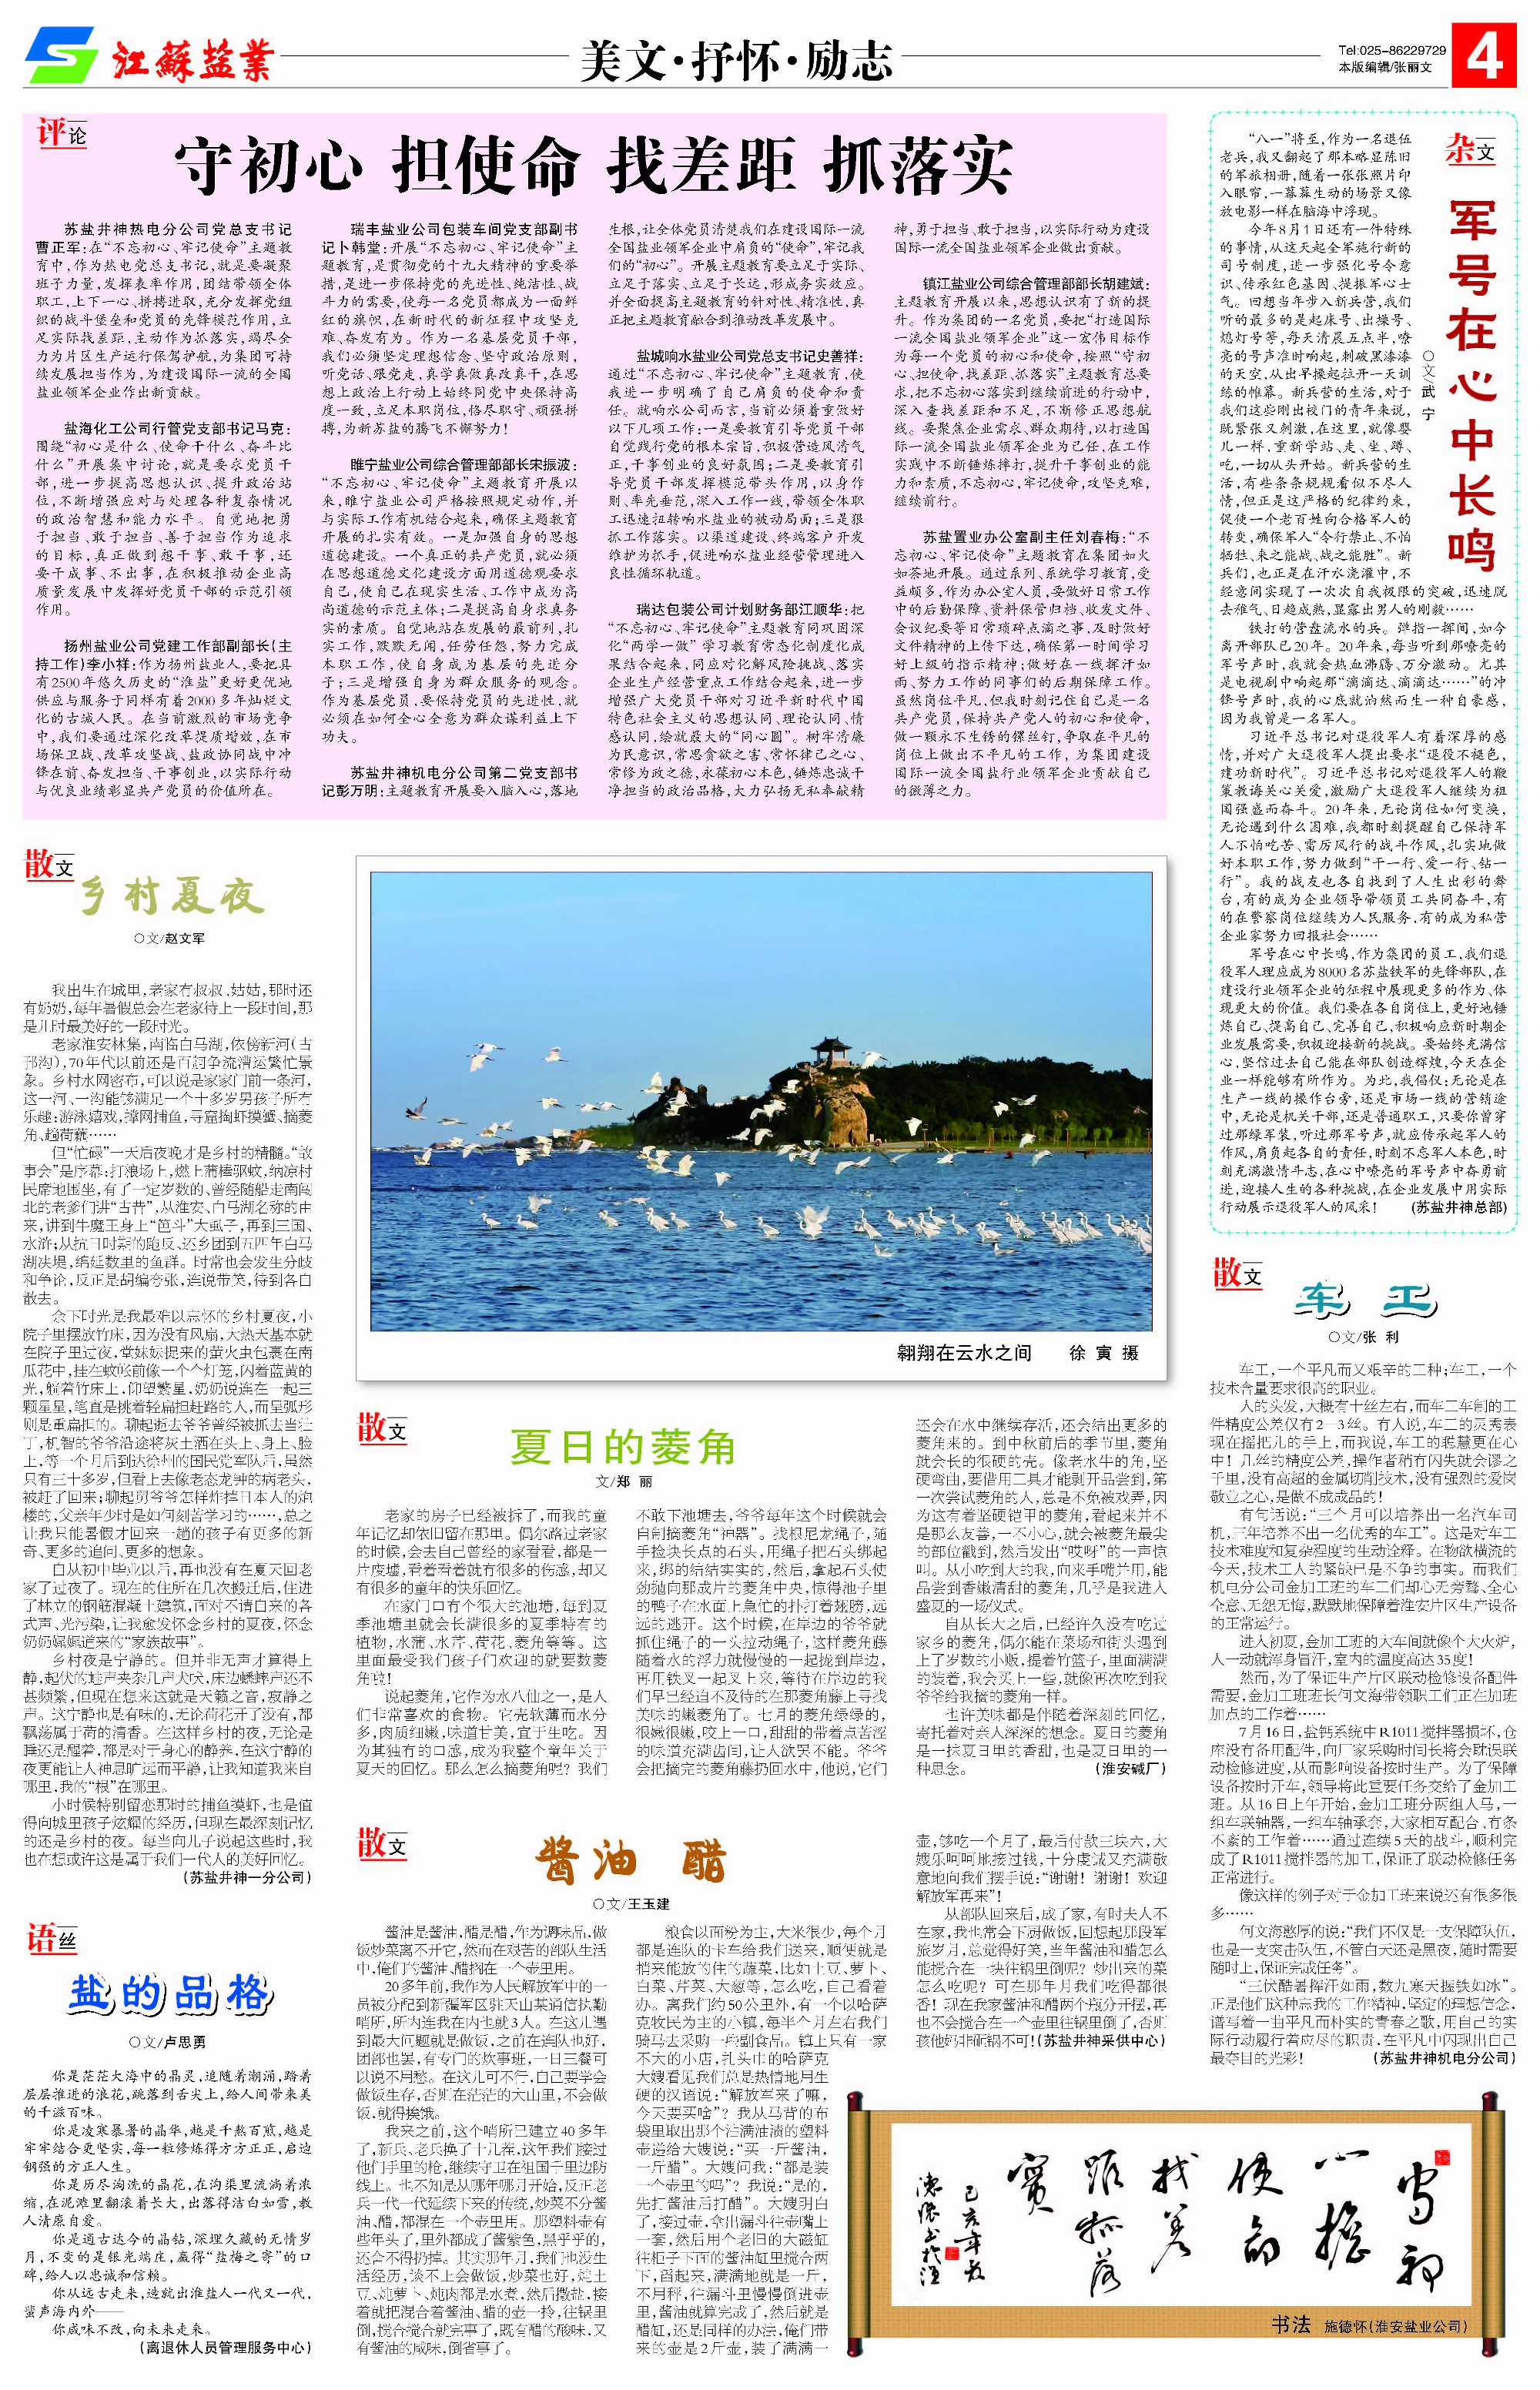 2019年江乐天堂手机版客户端业报第14期(总第102期)